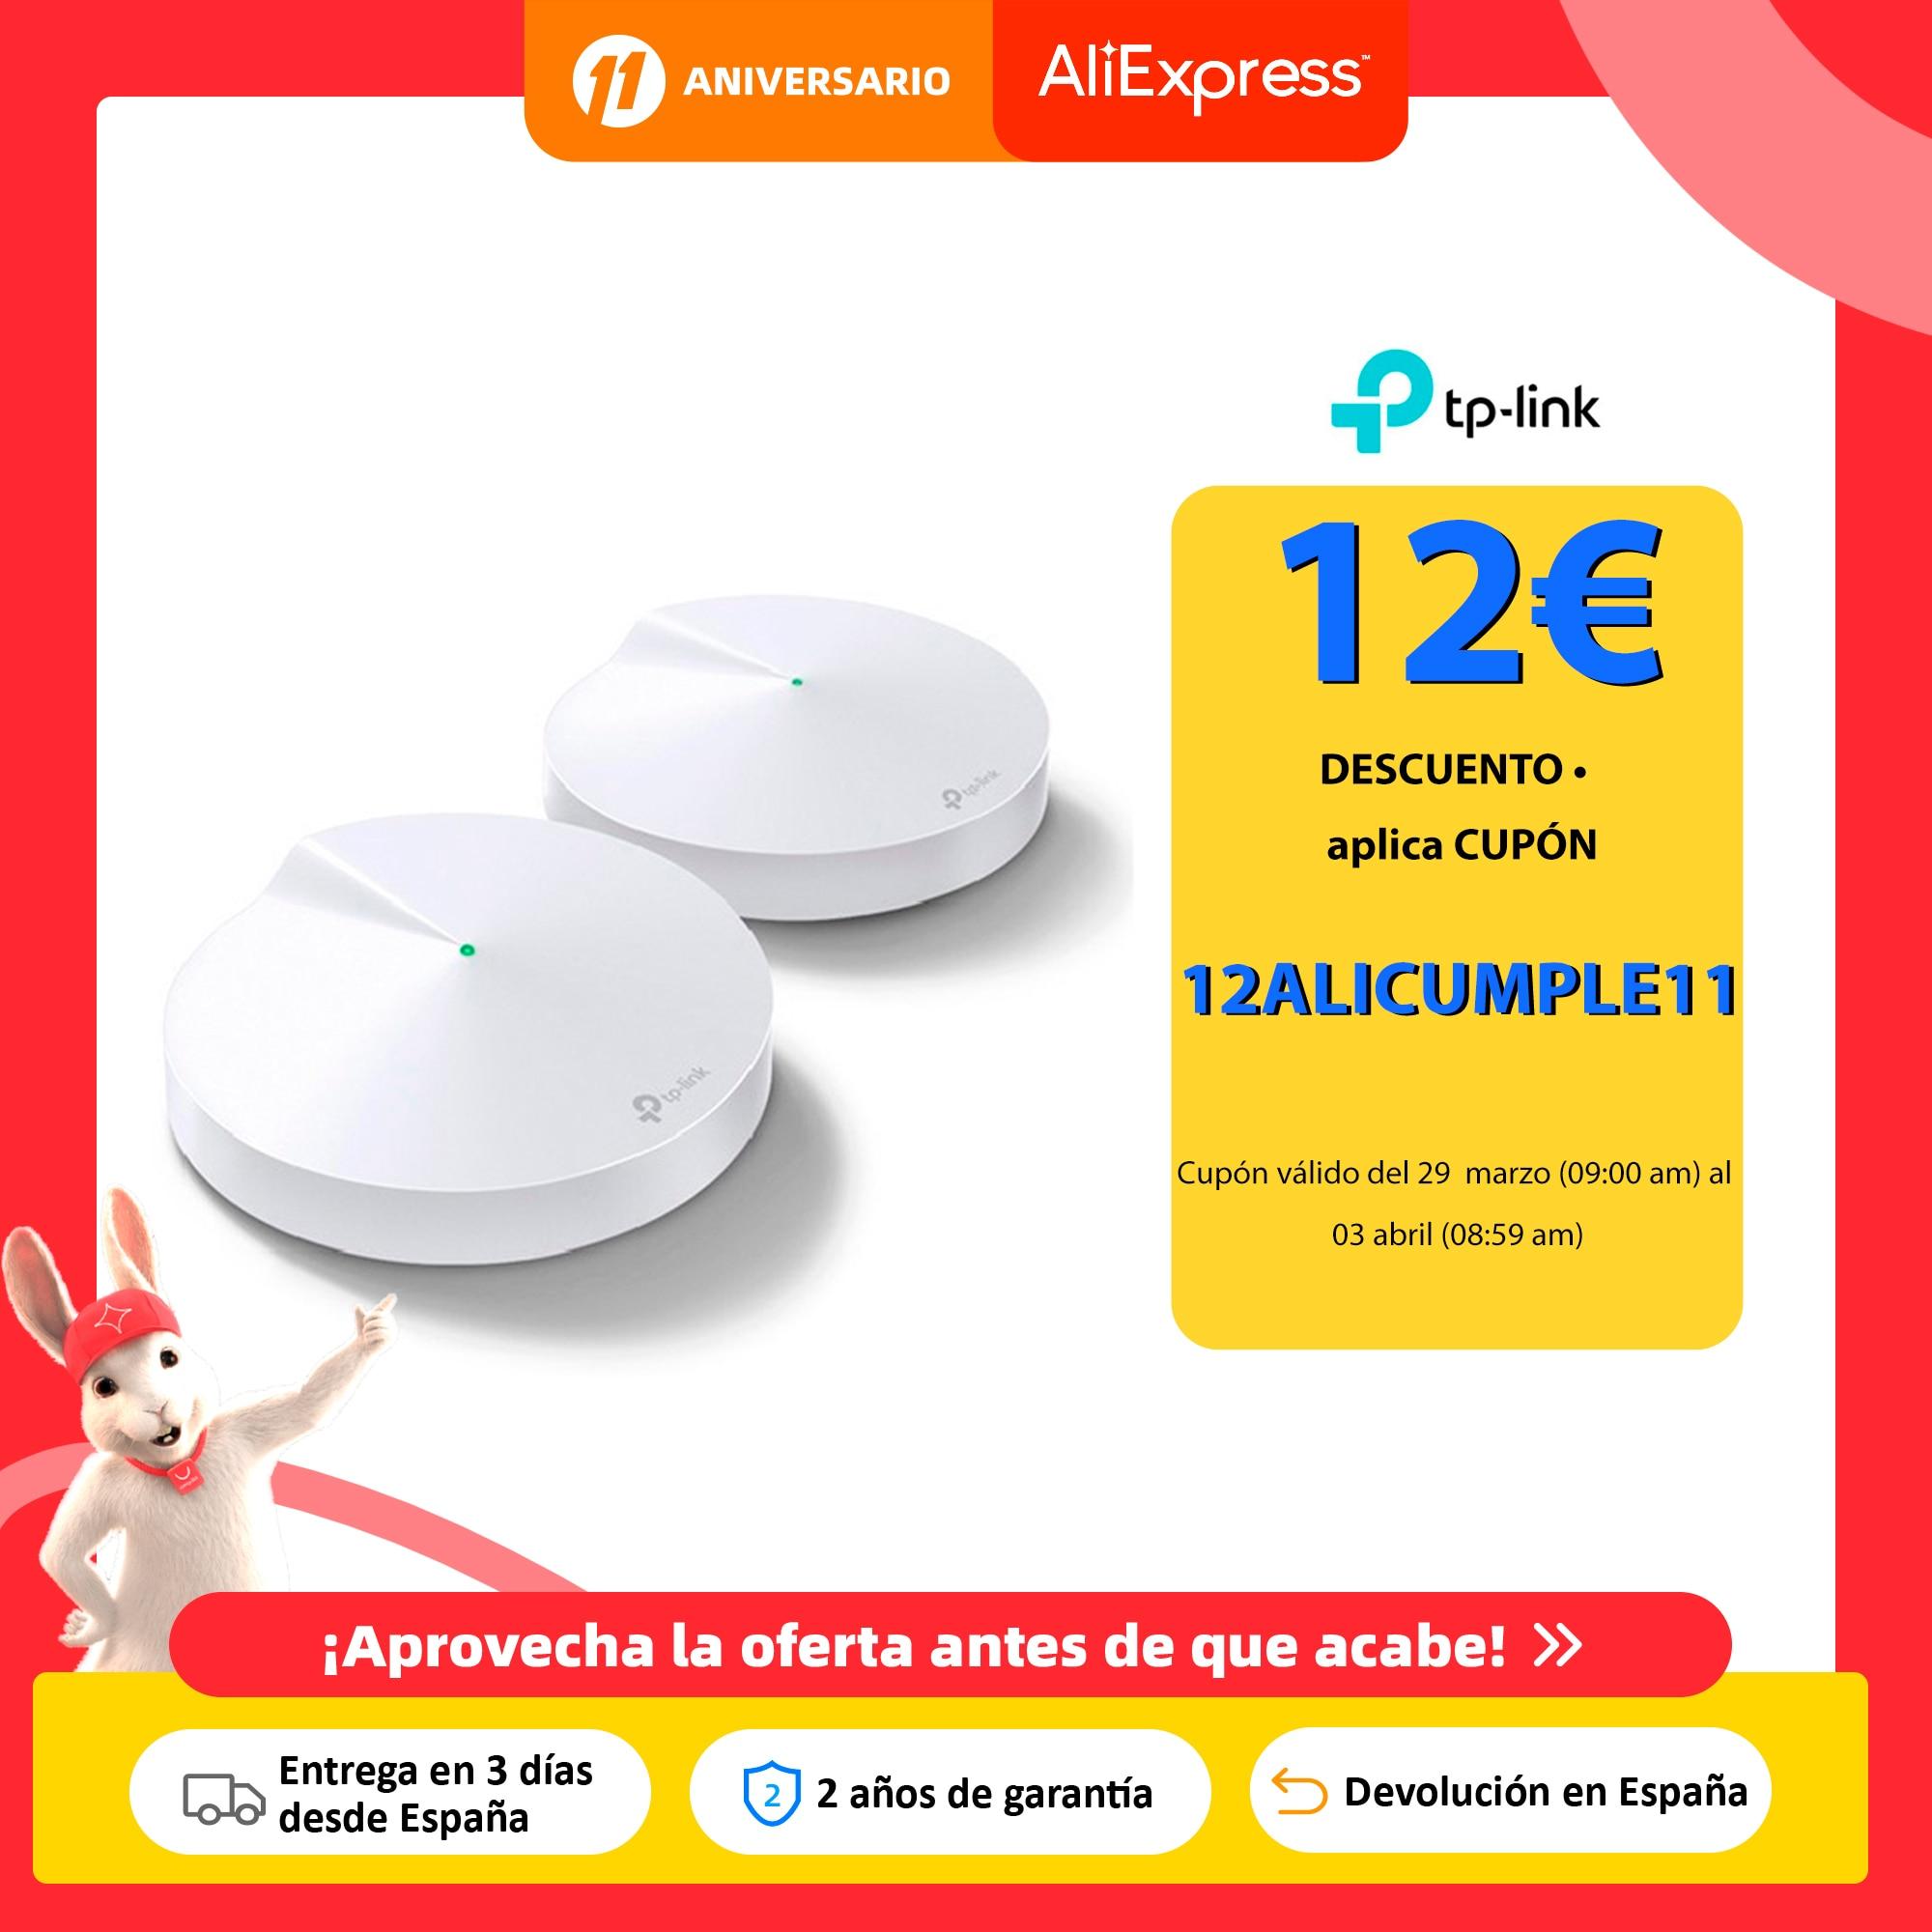 TP LINK Deco M5, Pack 2 Puntos de Acceso, Velocidad Estable Hasta 1267Mbps, Compatible con Alexa, WiFi Mesh, Hasta 200 m2, NUEVO Rúteres inalámbricos  - AliExpress